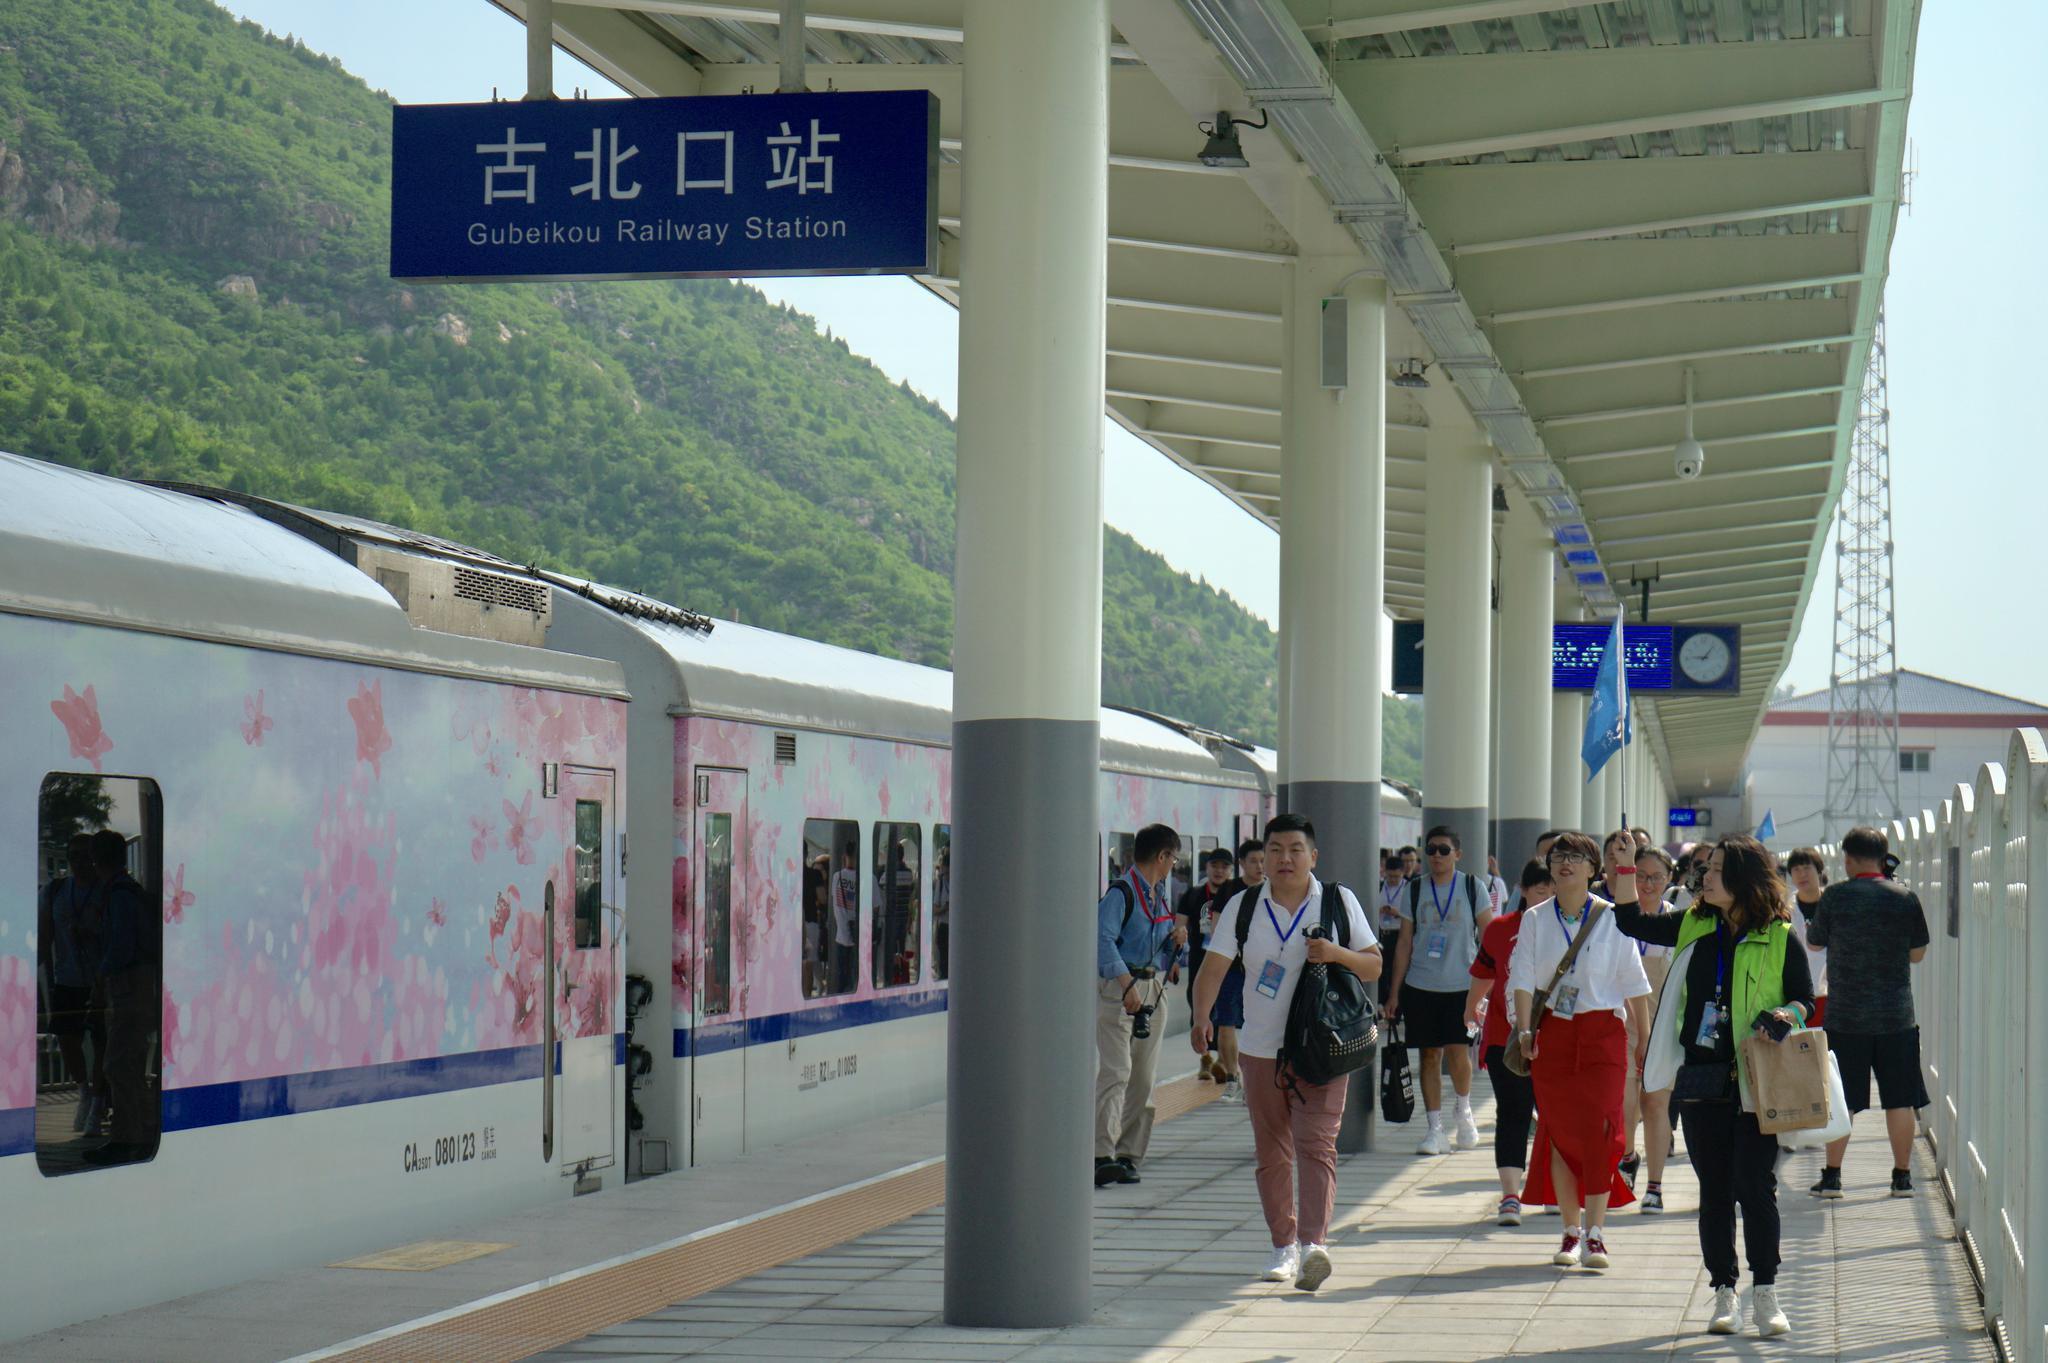 市郊铁路怀密线电气化改造完工 9月底引入北京北站